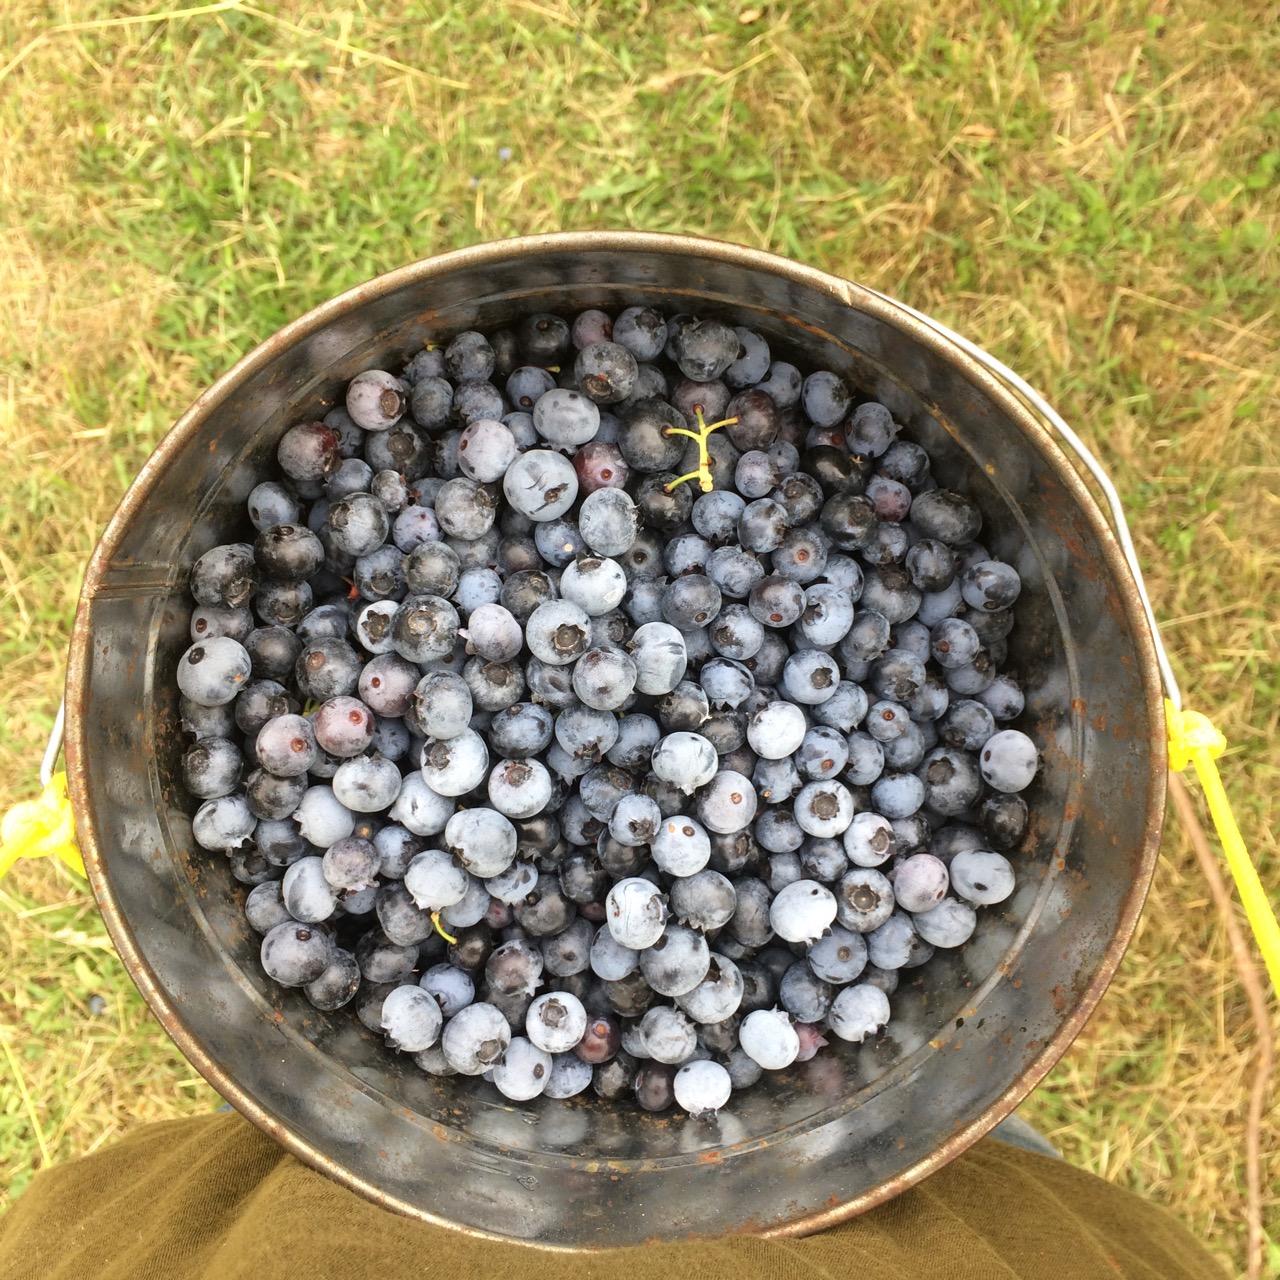 blueberries in bucket.jpg